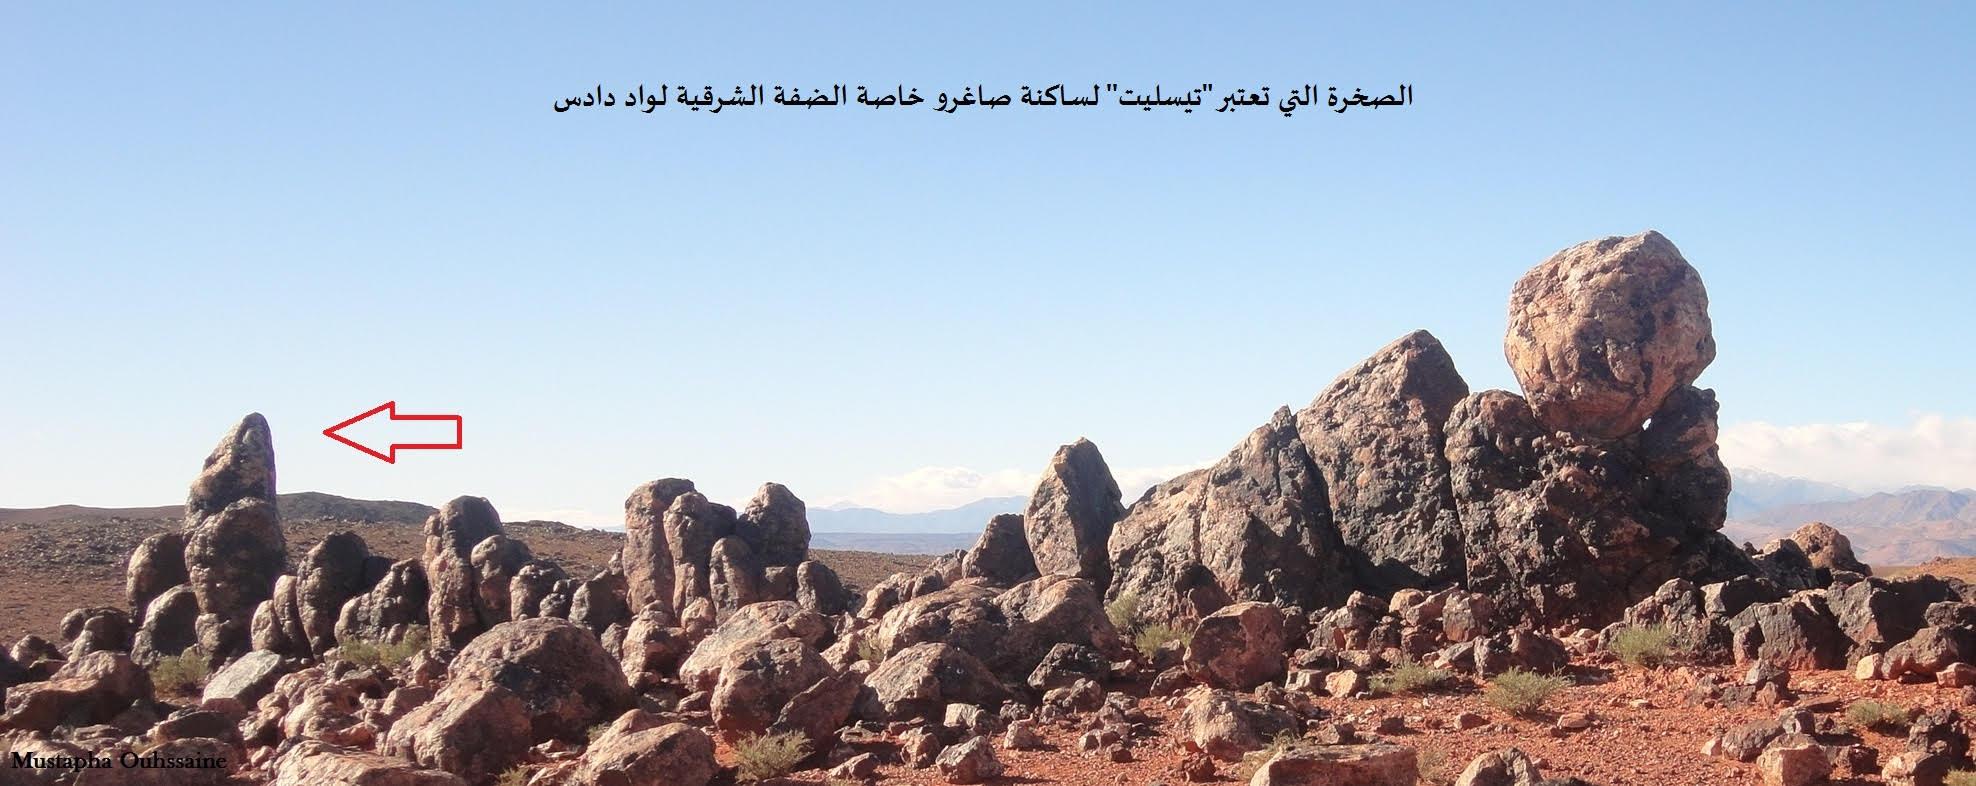 المرأة الأمازيغية التي تحولت إلى صخرة